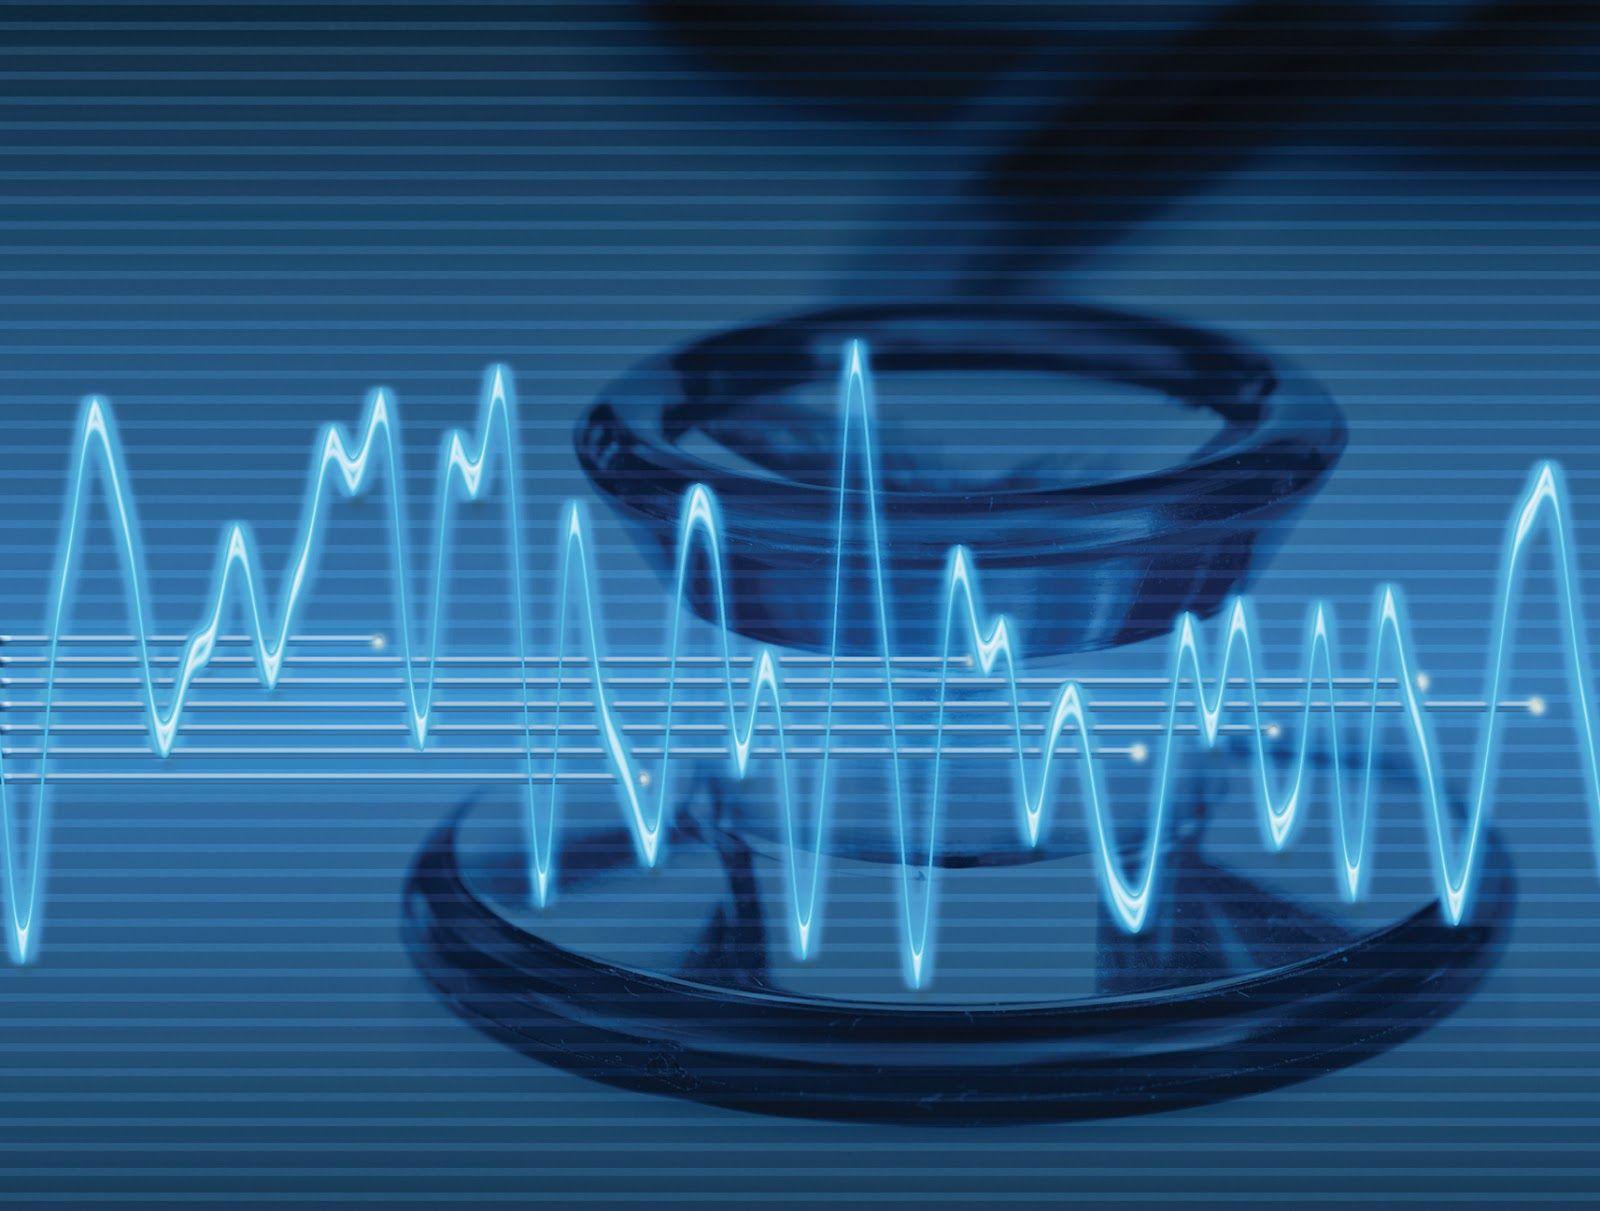 ضربان سریع قلب نشانه چیست : علل و روش های درمانی